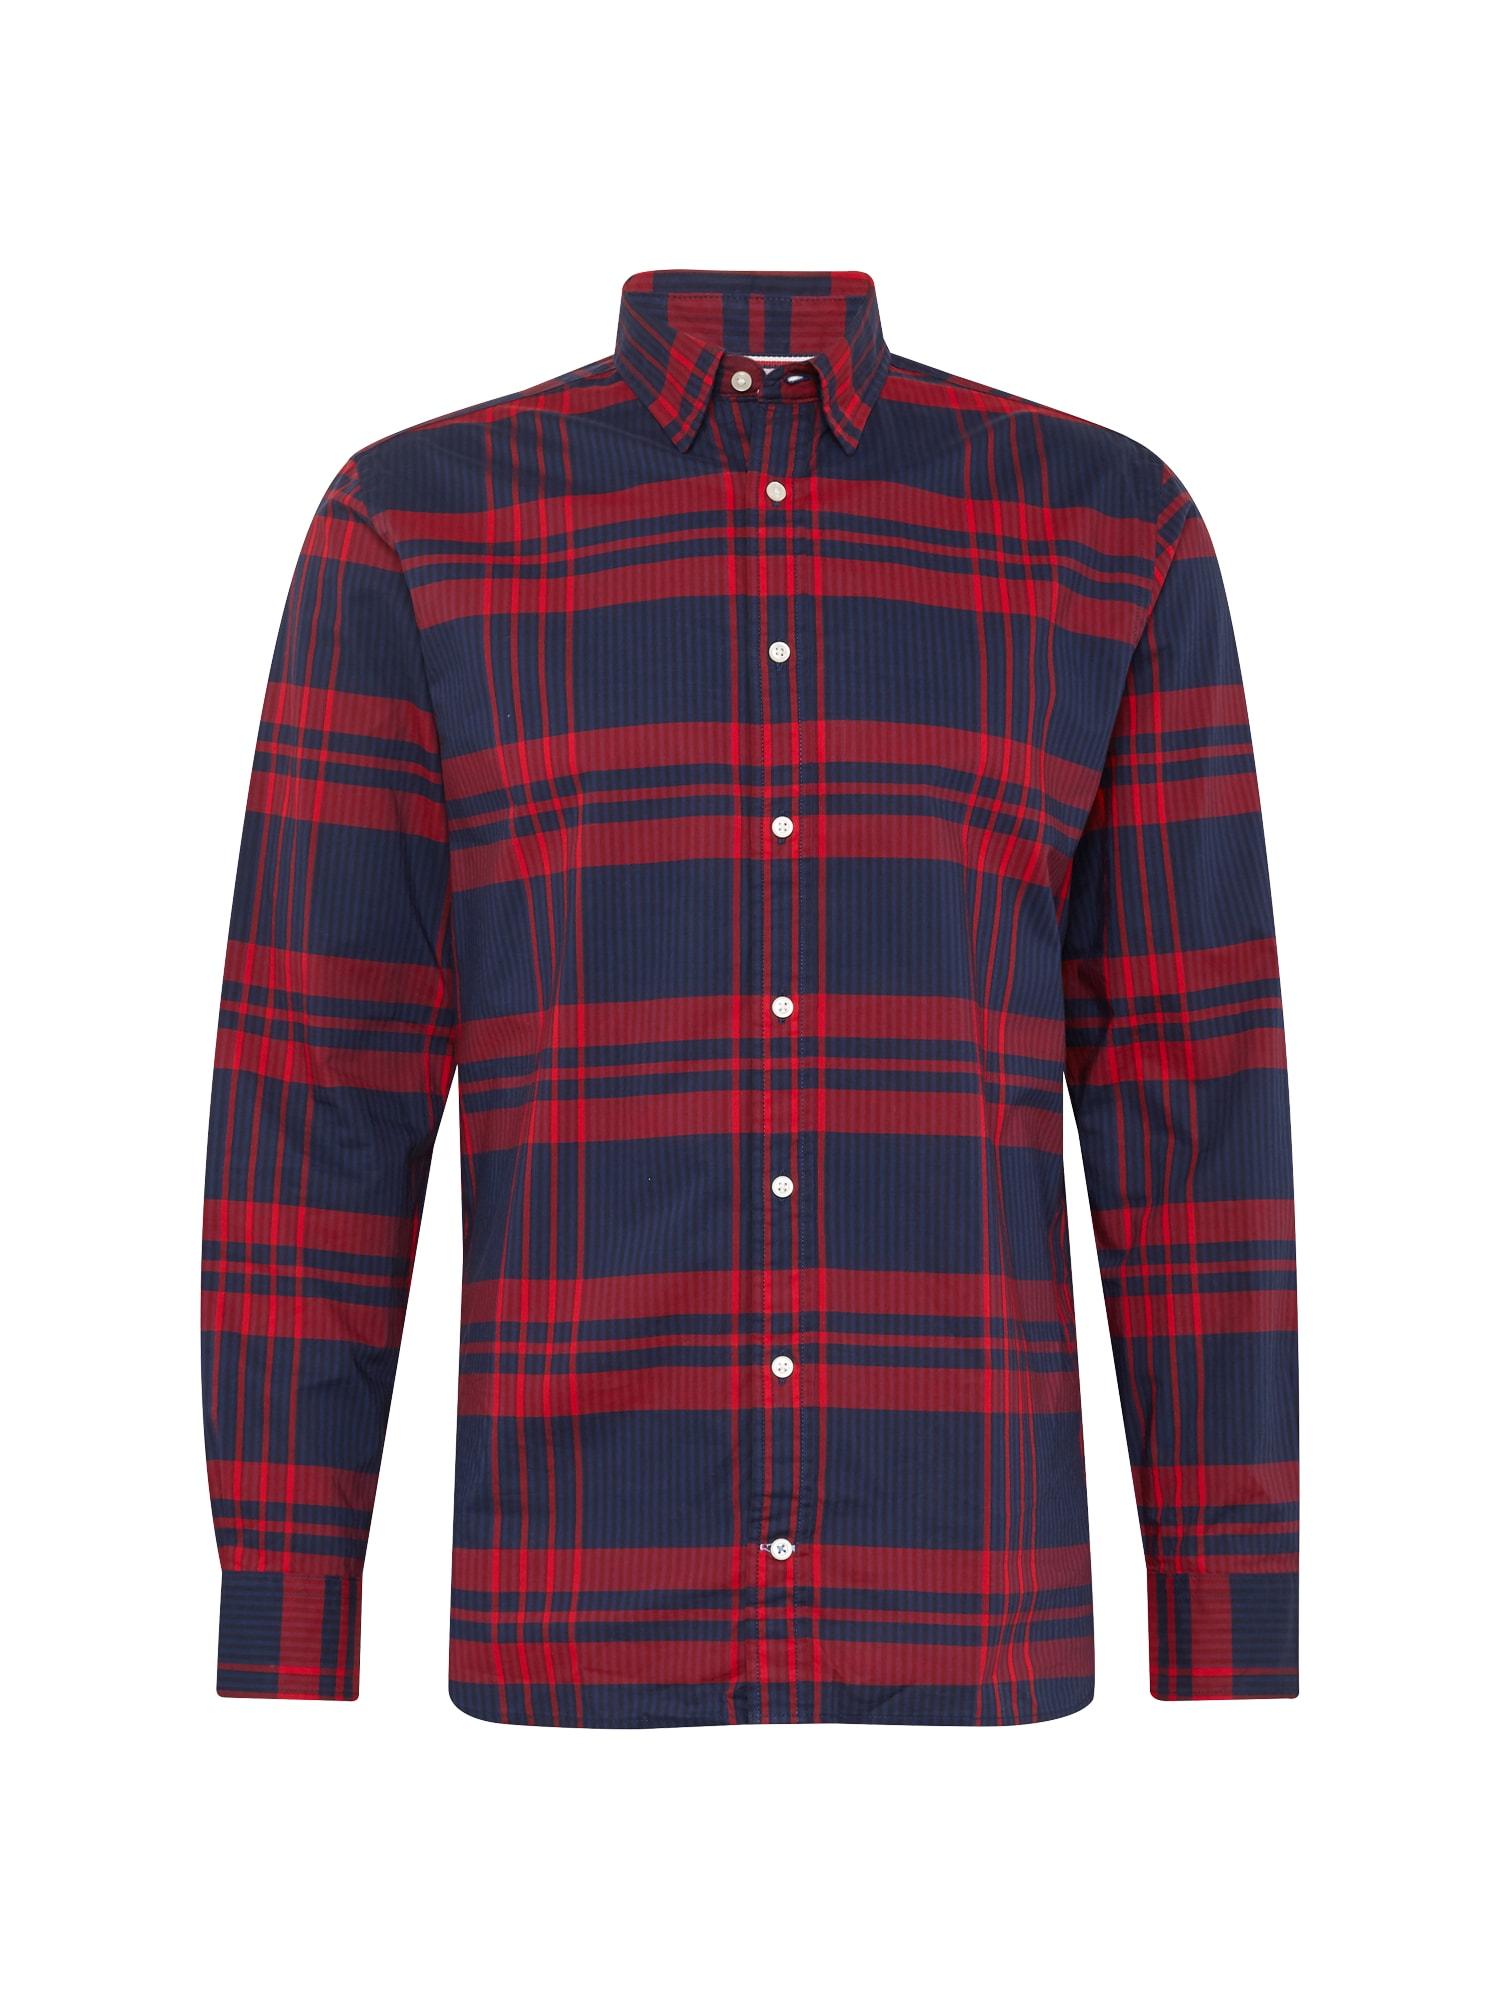 Košile STRIPE CHECK SHIRT tmavě modrá červená TOMMY HILFIGER